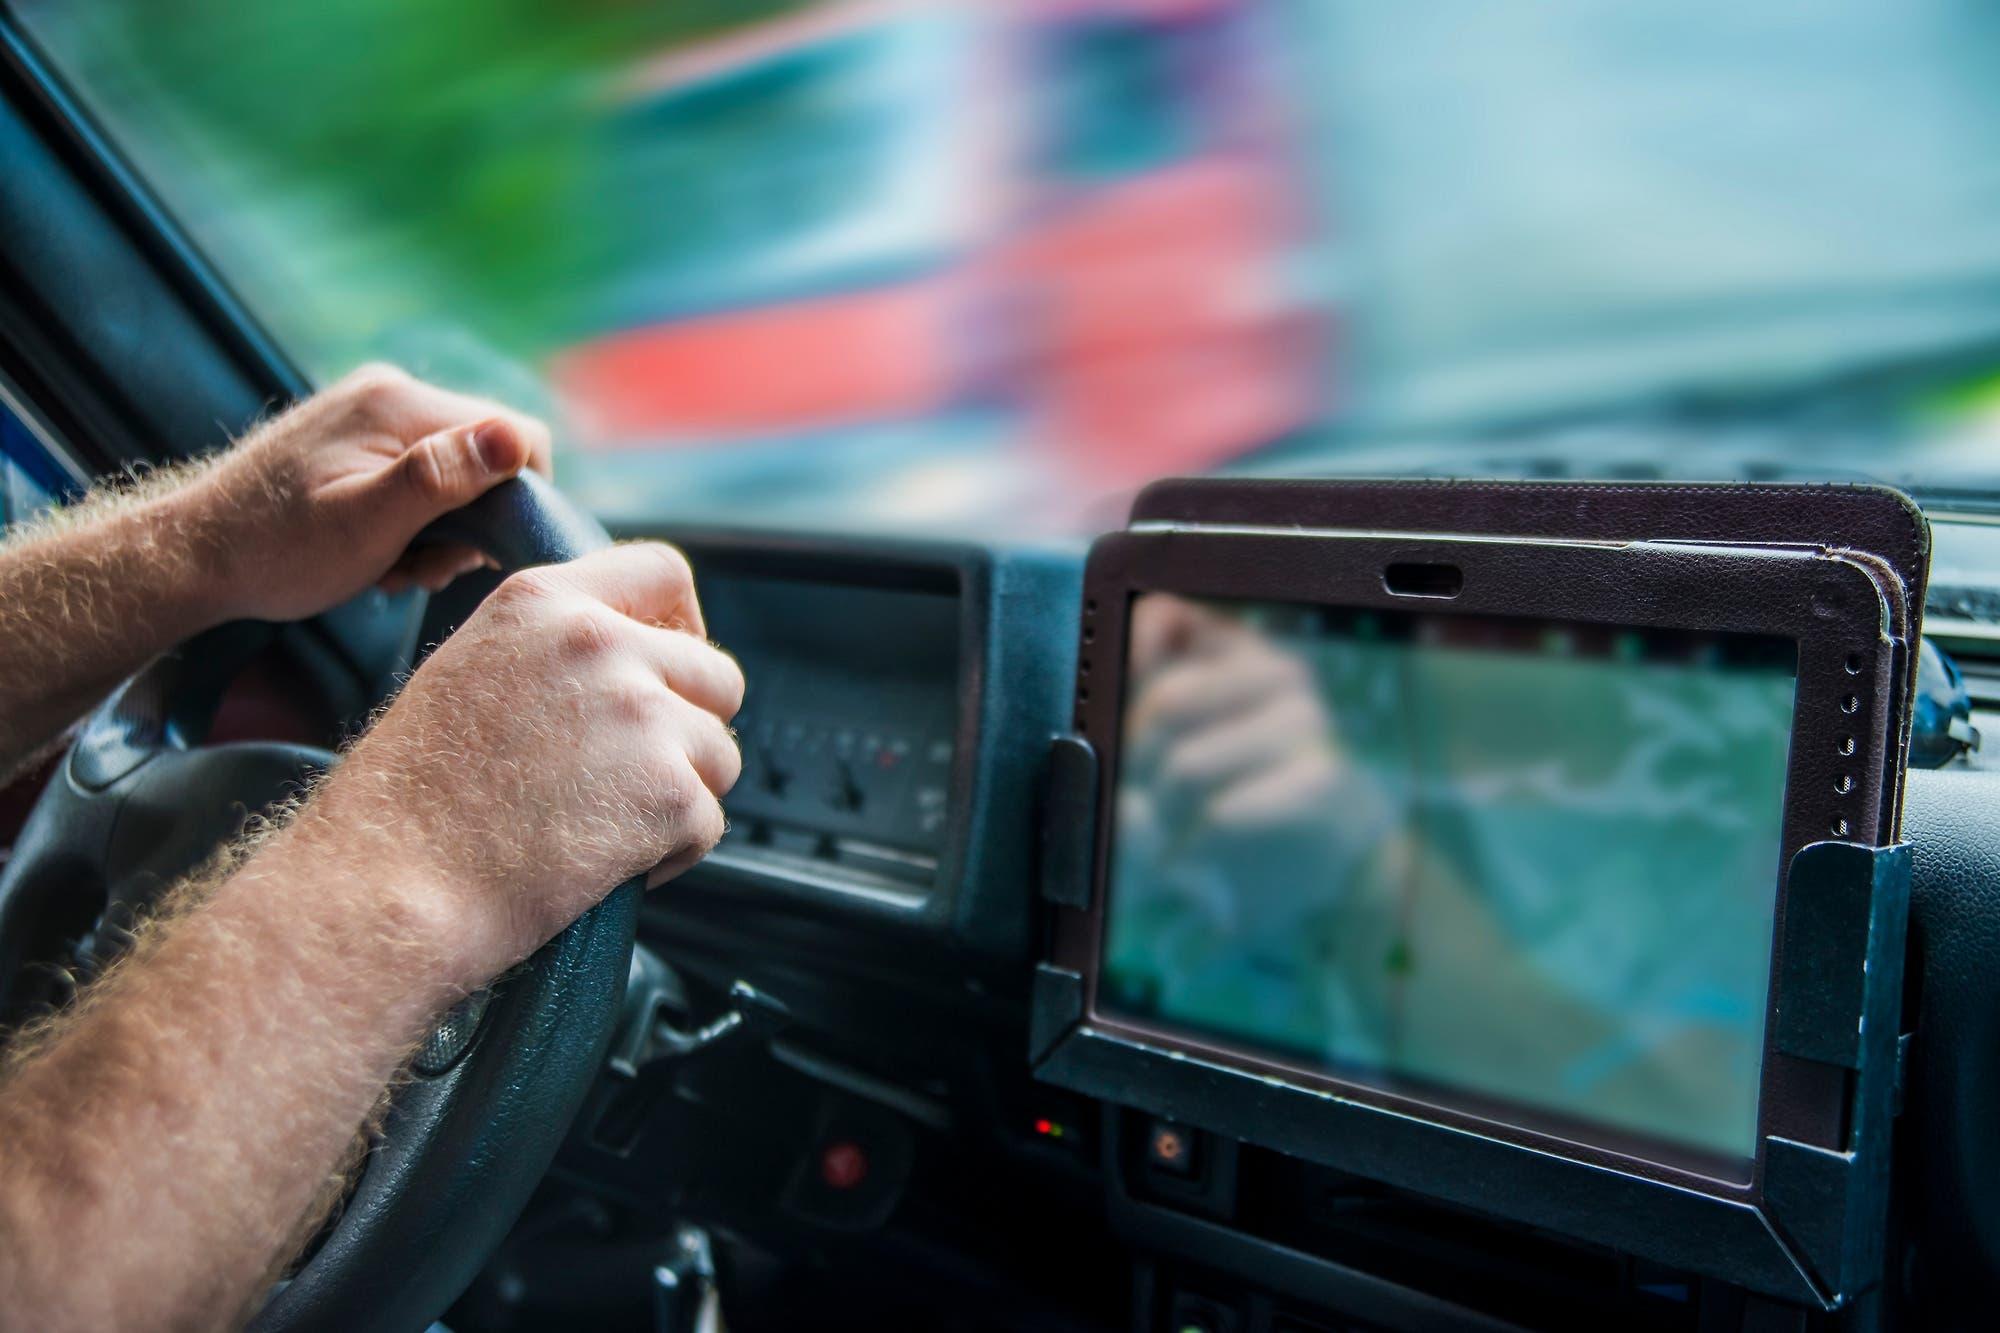 Revelan los datos sensibles de una empresa por los rastreadores GPS que había tirado a la basura